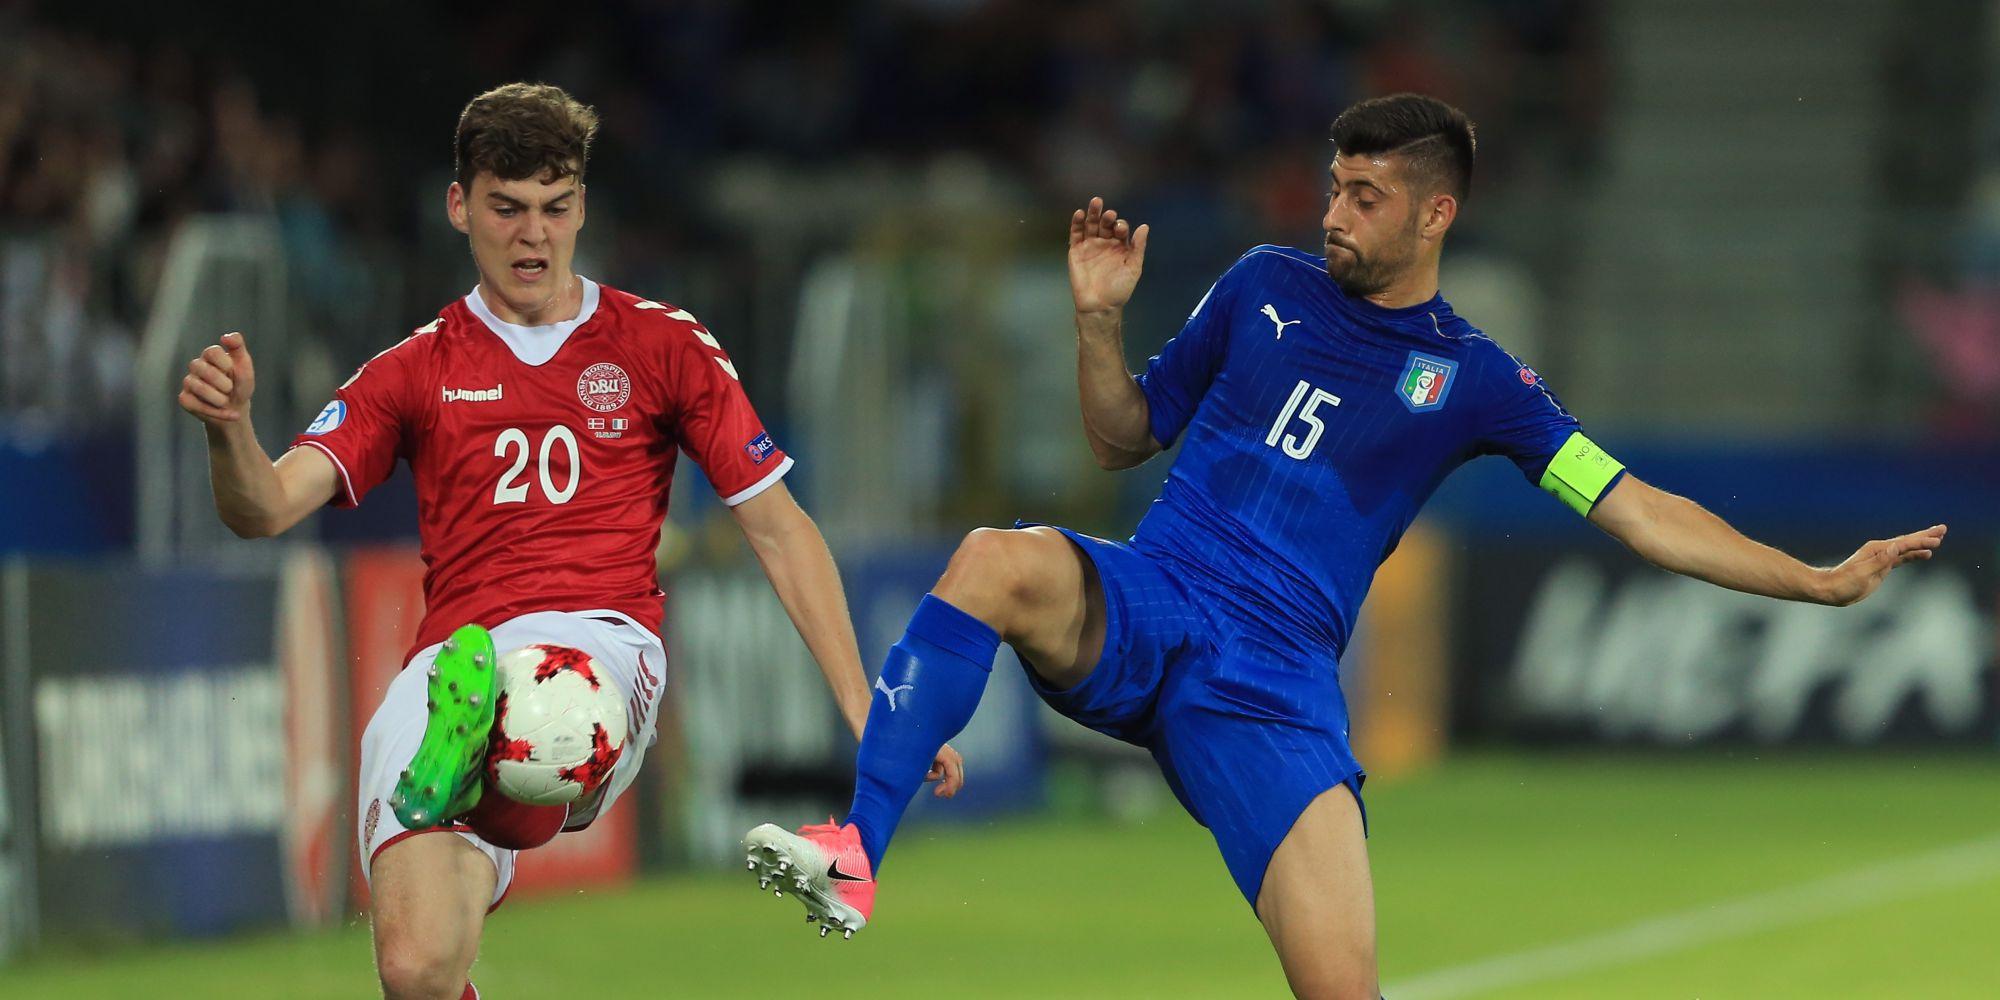 Europei Under 21: Italia-Repubblica Ceca, Di Biagio cerca conferme